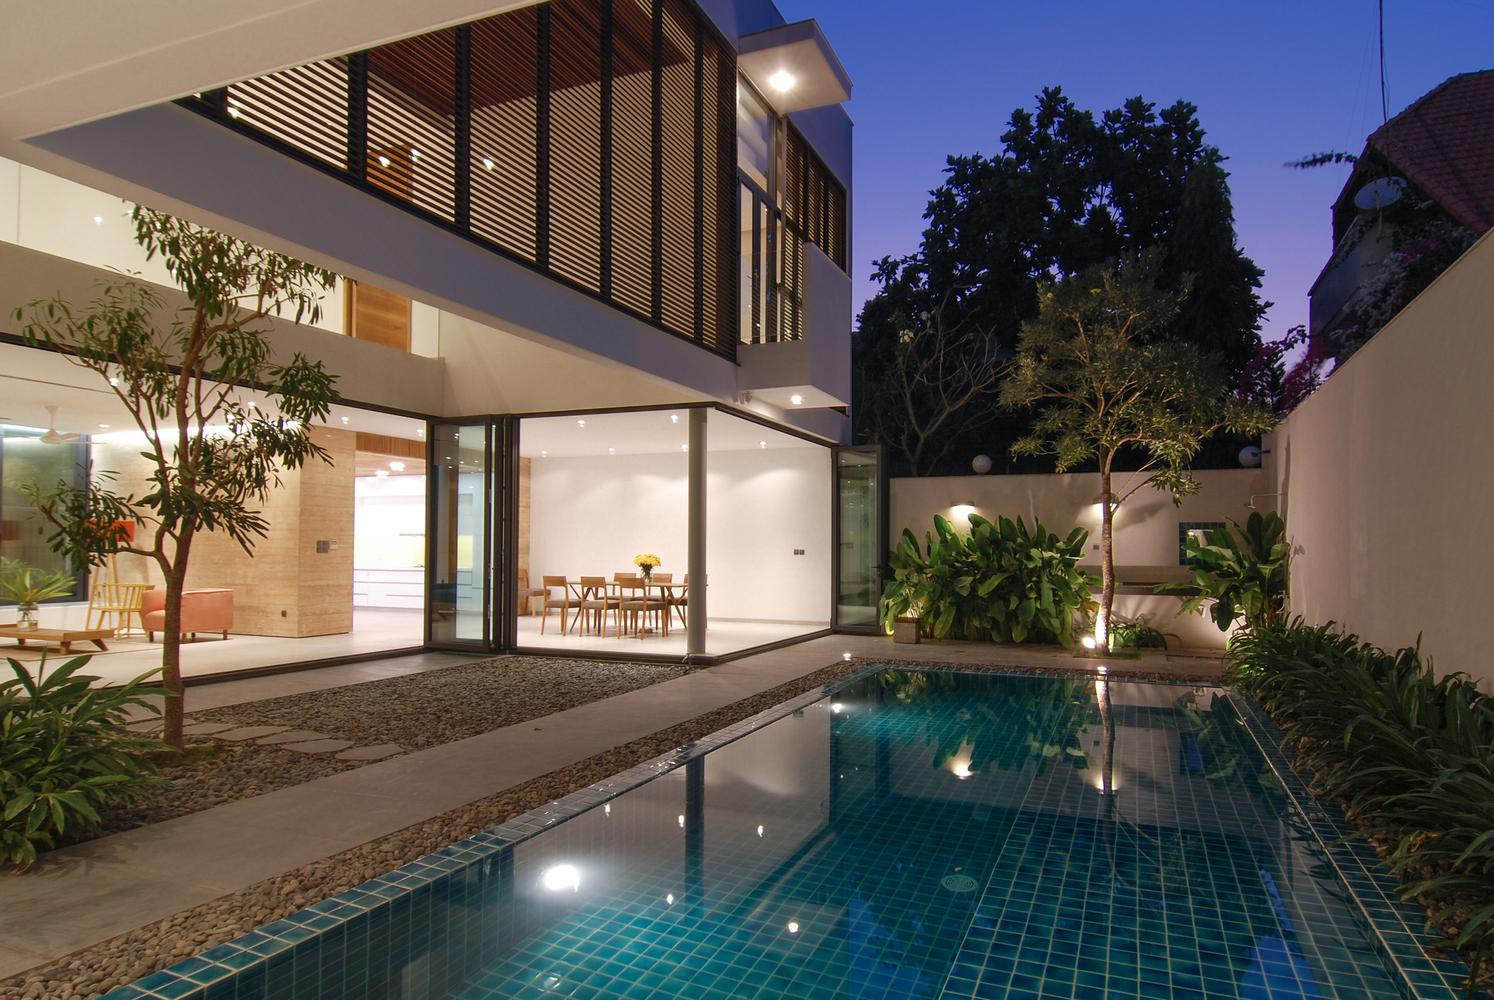 Nhà đẹp Sài Gòn - Biệt thự eden villa - 24